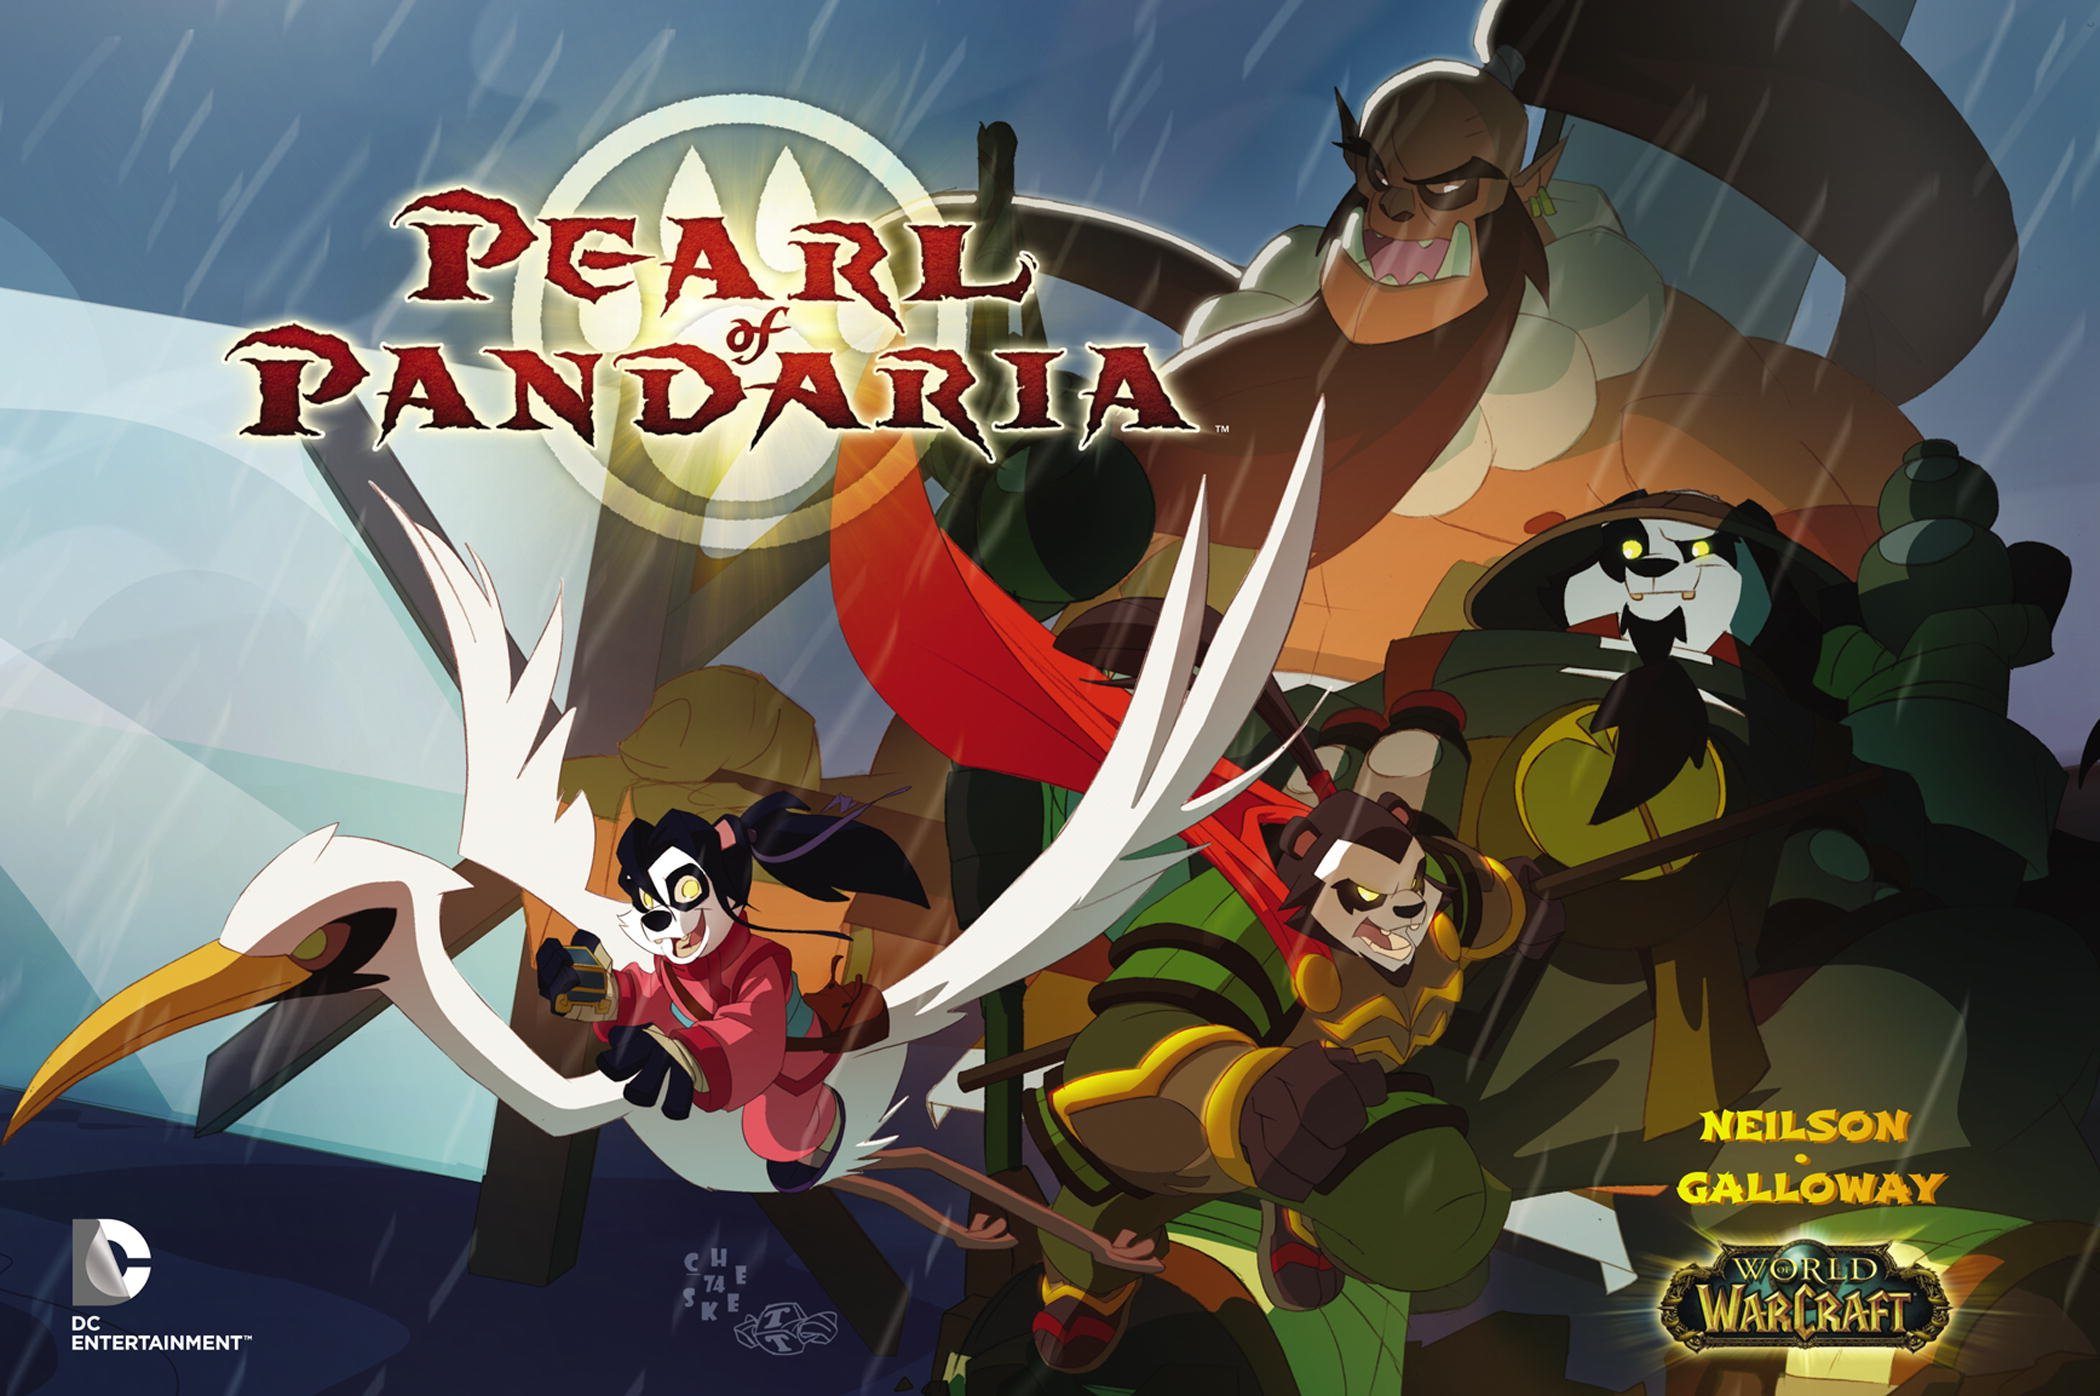 lh_pearl_of_pandaria_cover